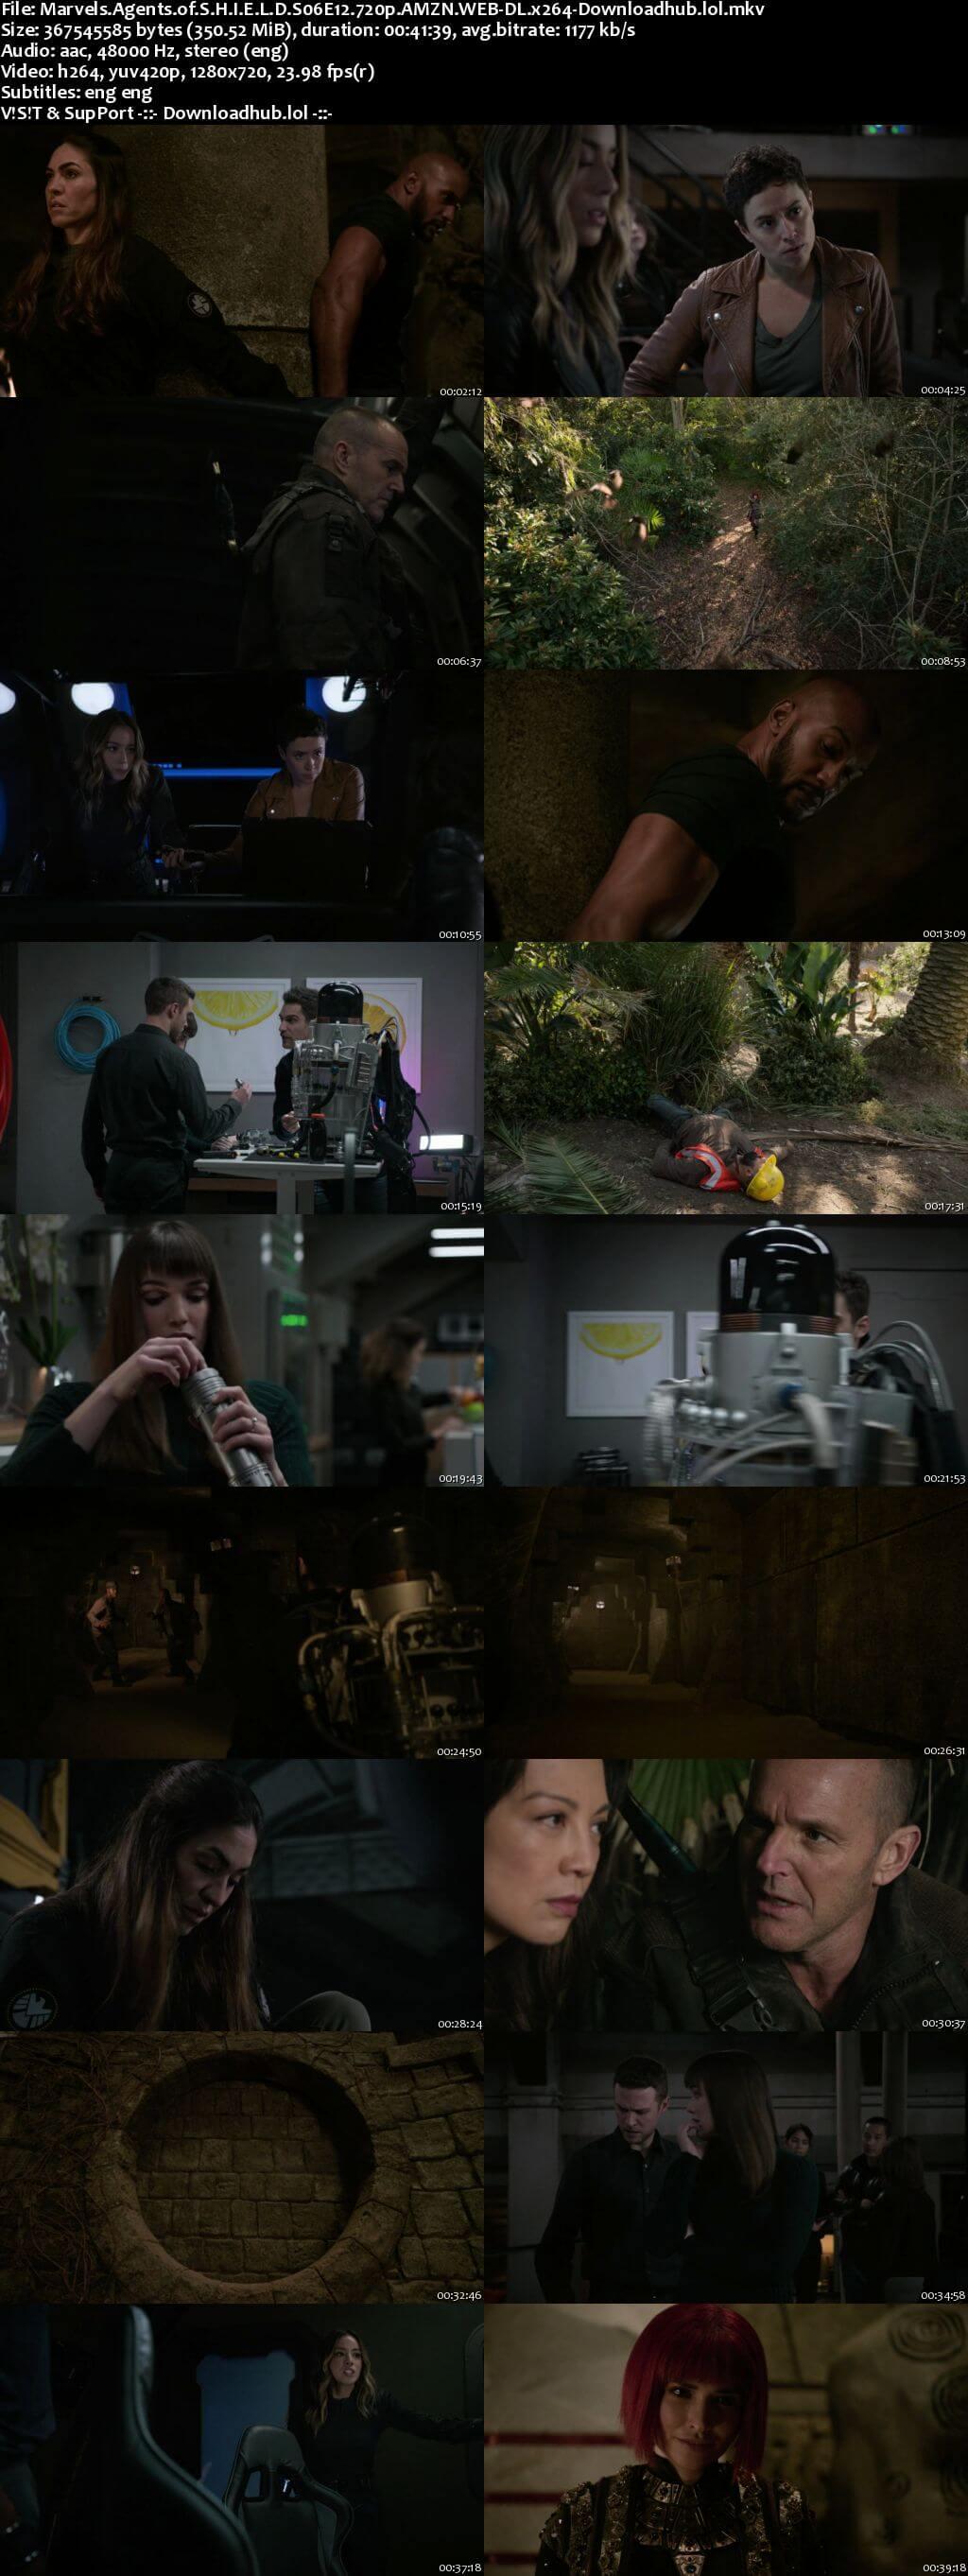 Marvels Agents of S.H.I.E.L.D S06E12 350MB AMZN WEB-DL 720p ESubs